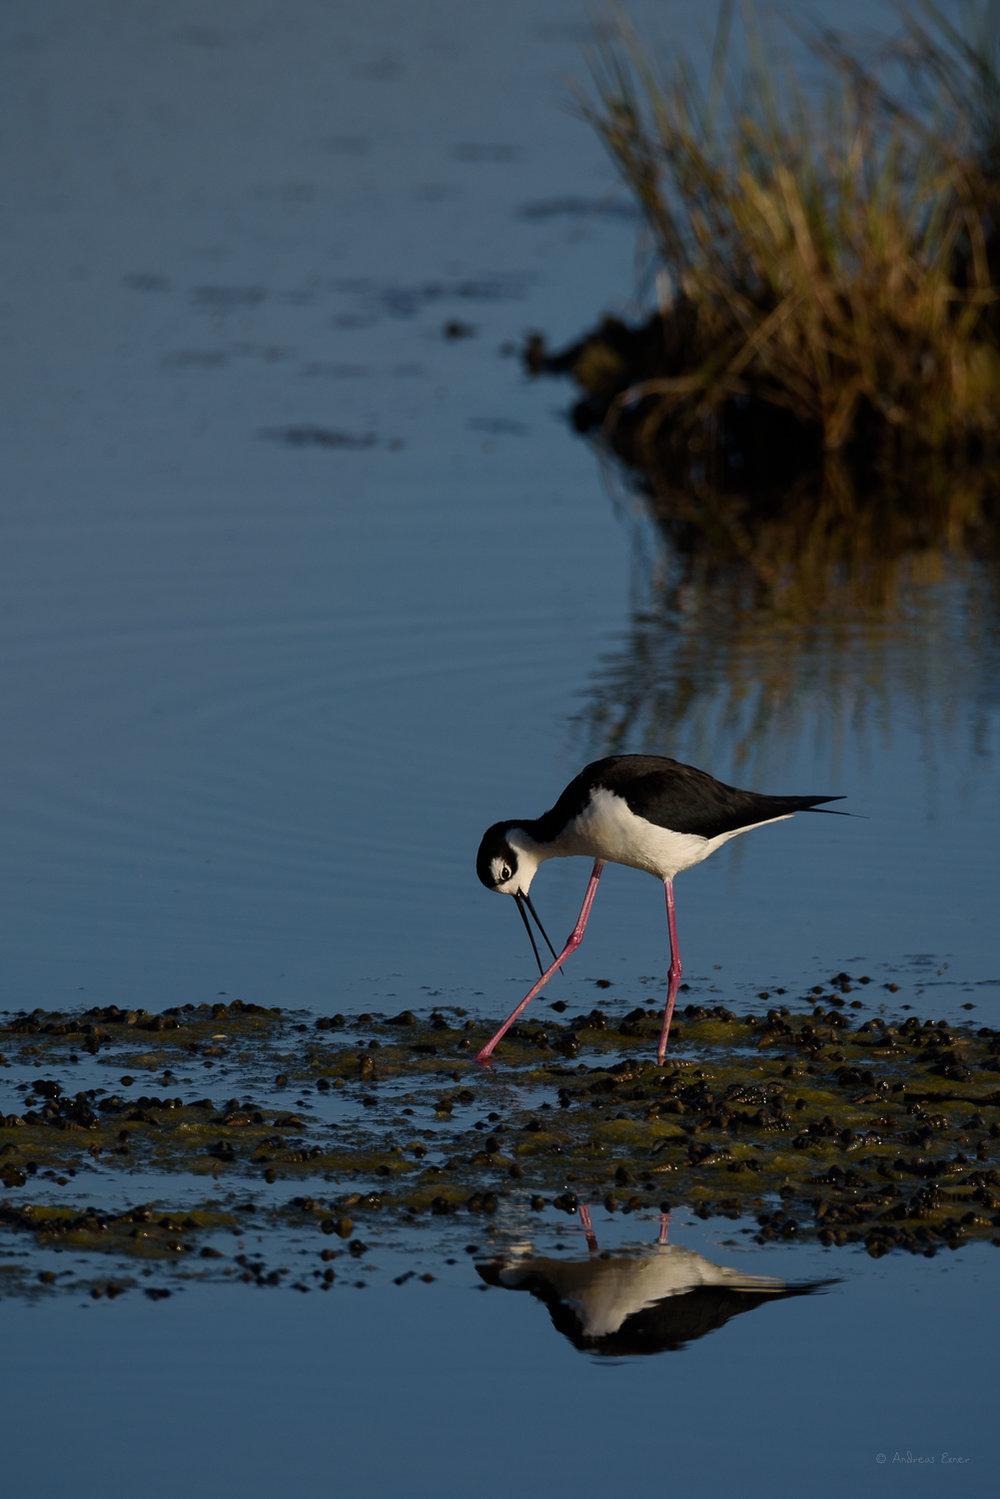 Black-necked Stilt, Bolsa Chica Ecological Reserve, California